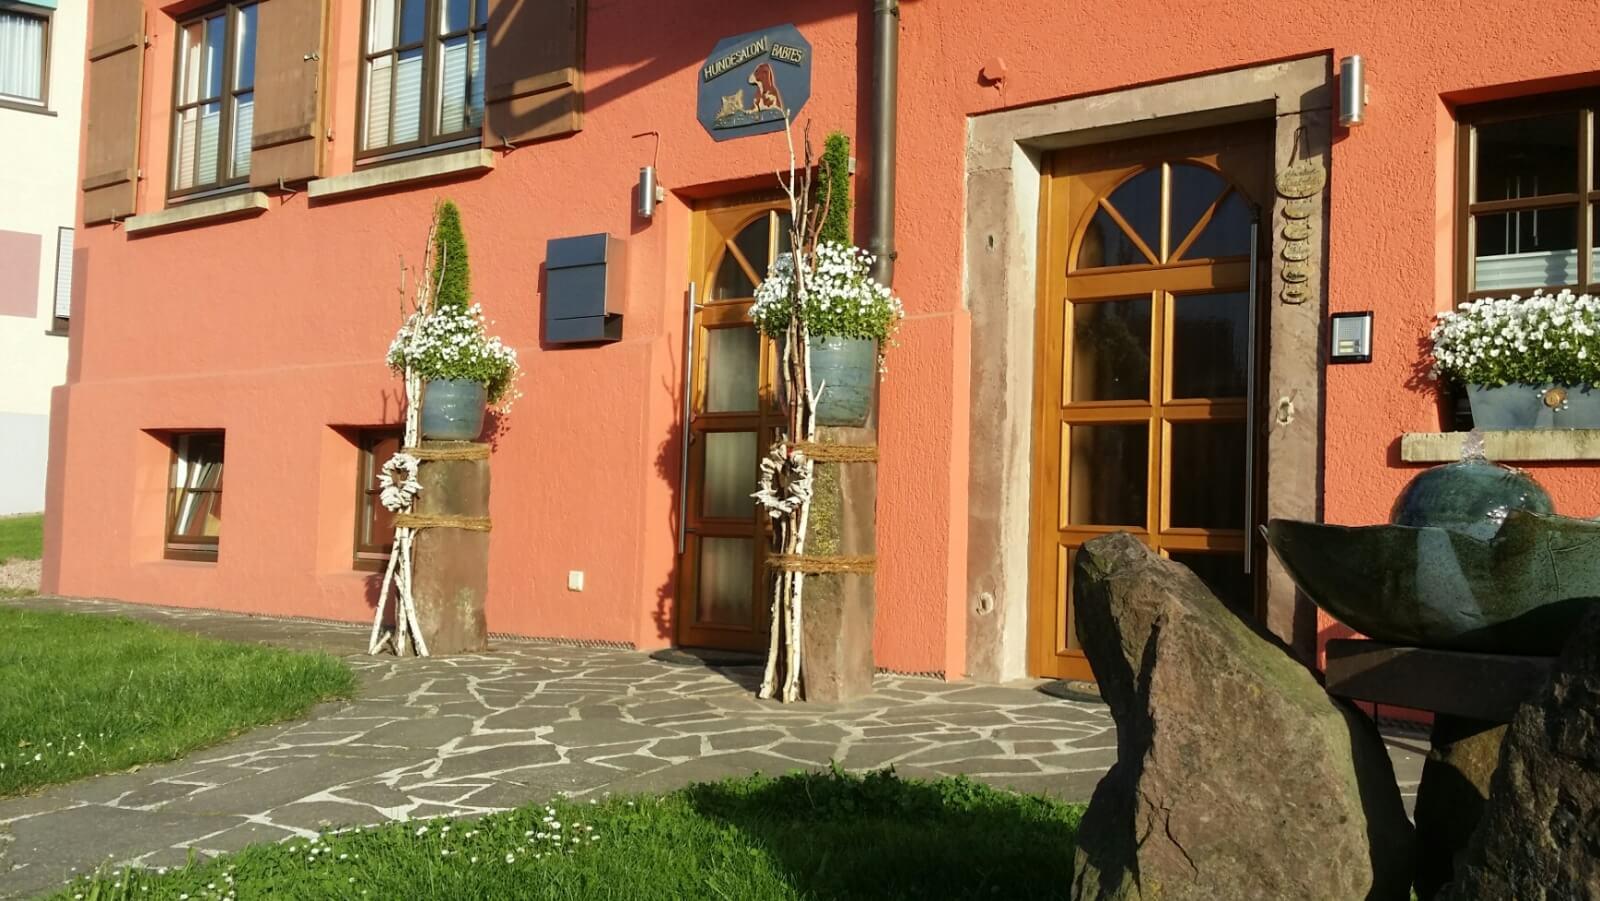 Bild von Haus mit Blumenkübeln